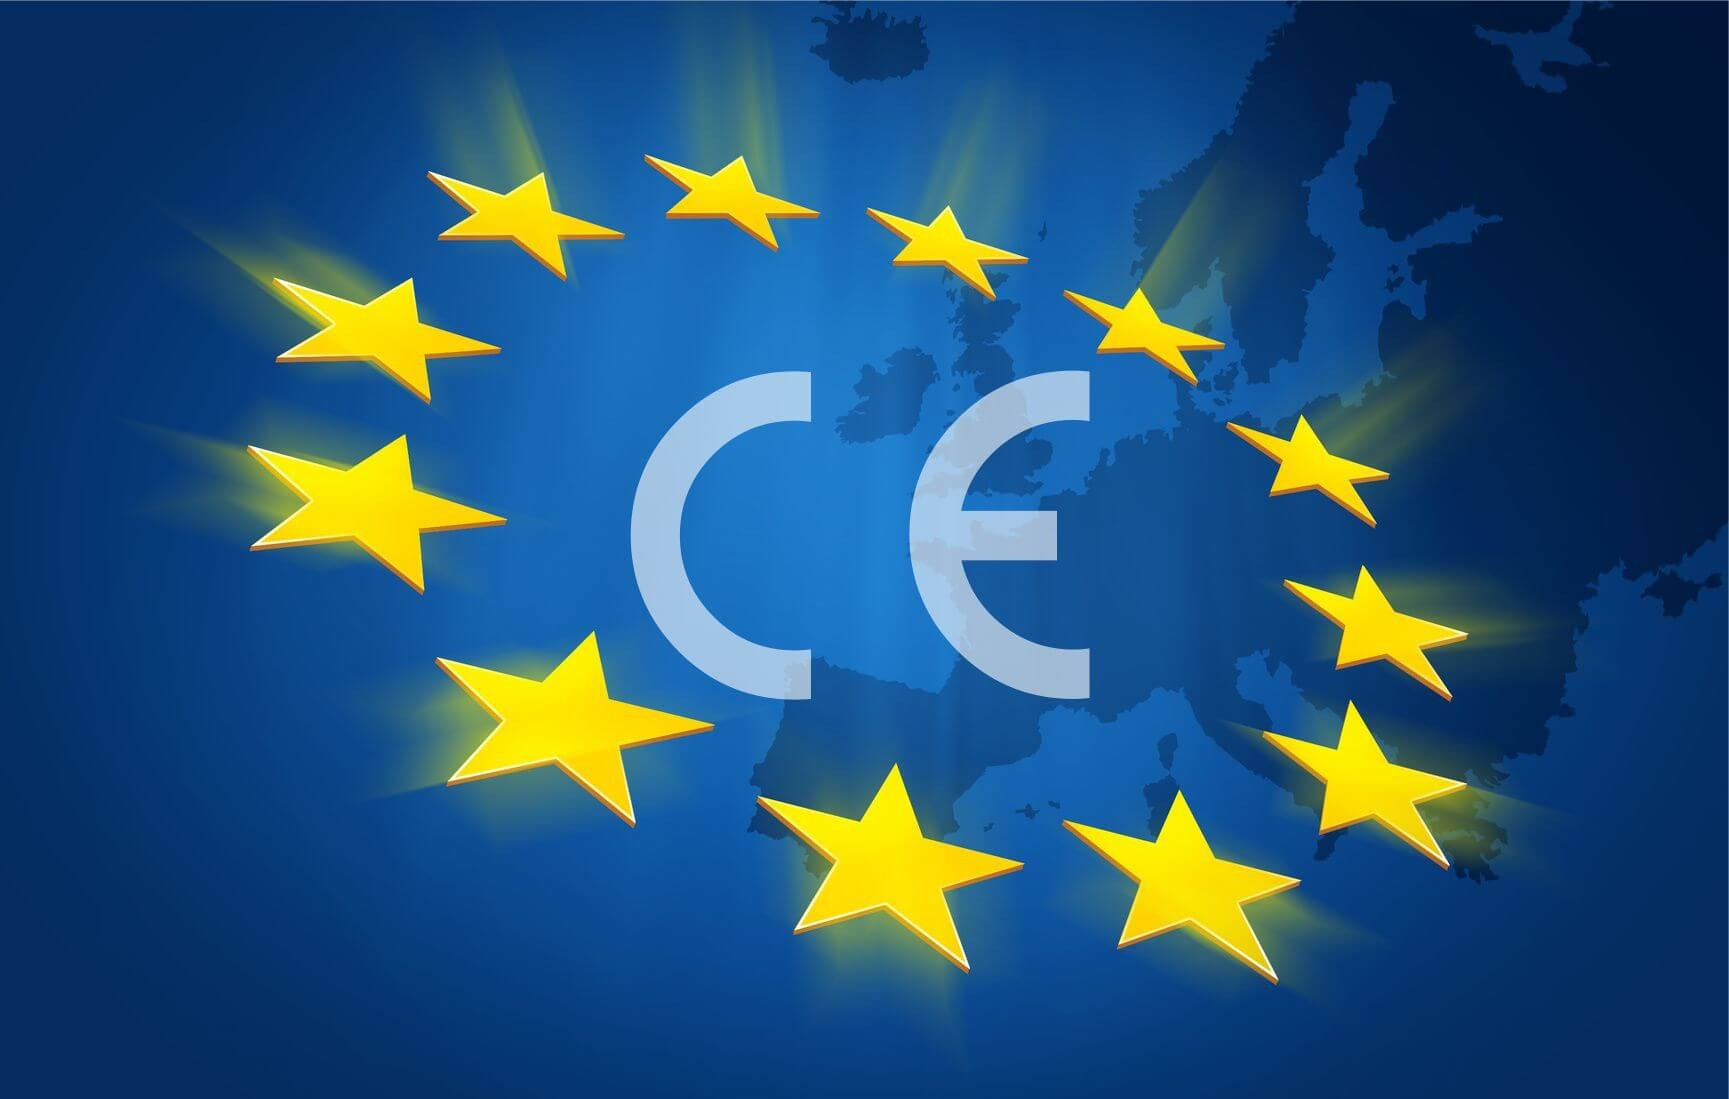 Tiêu chuẩn CE